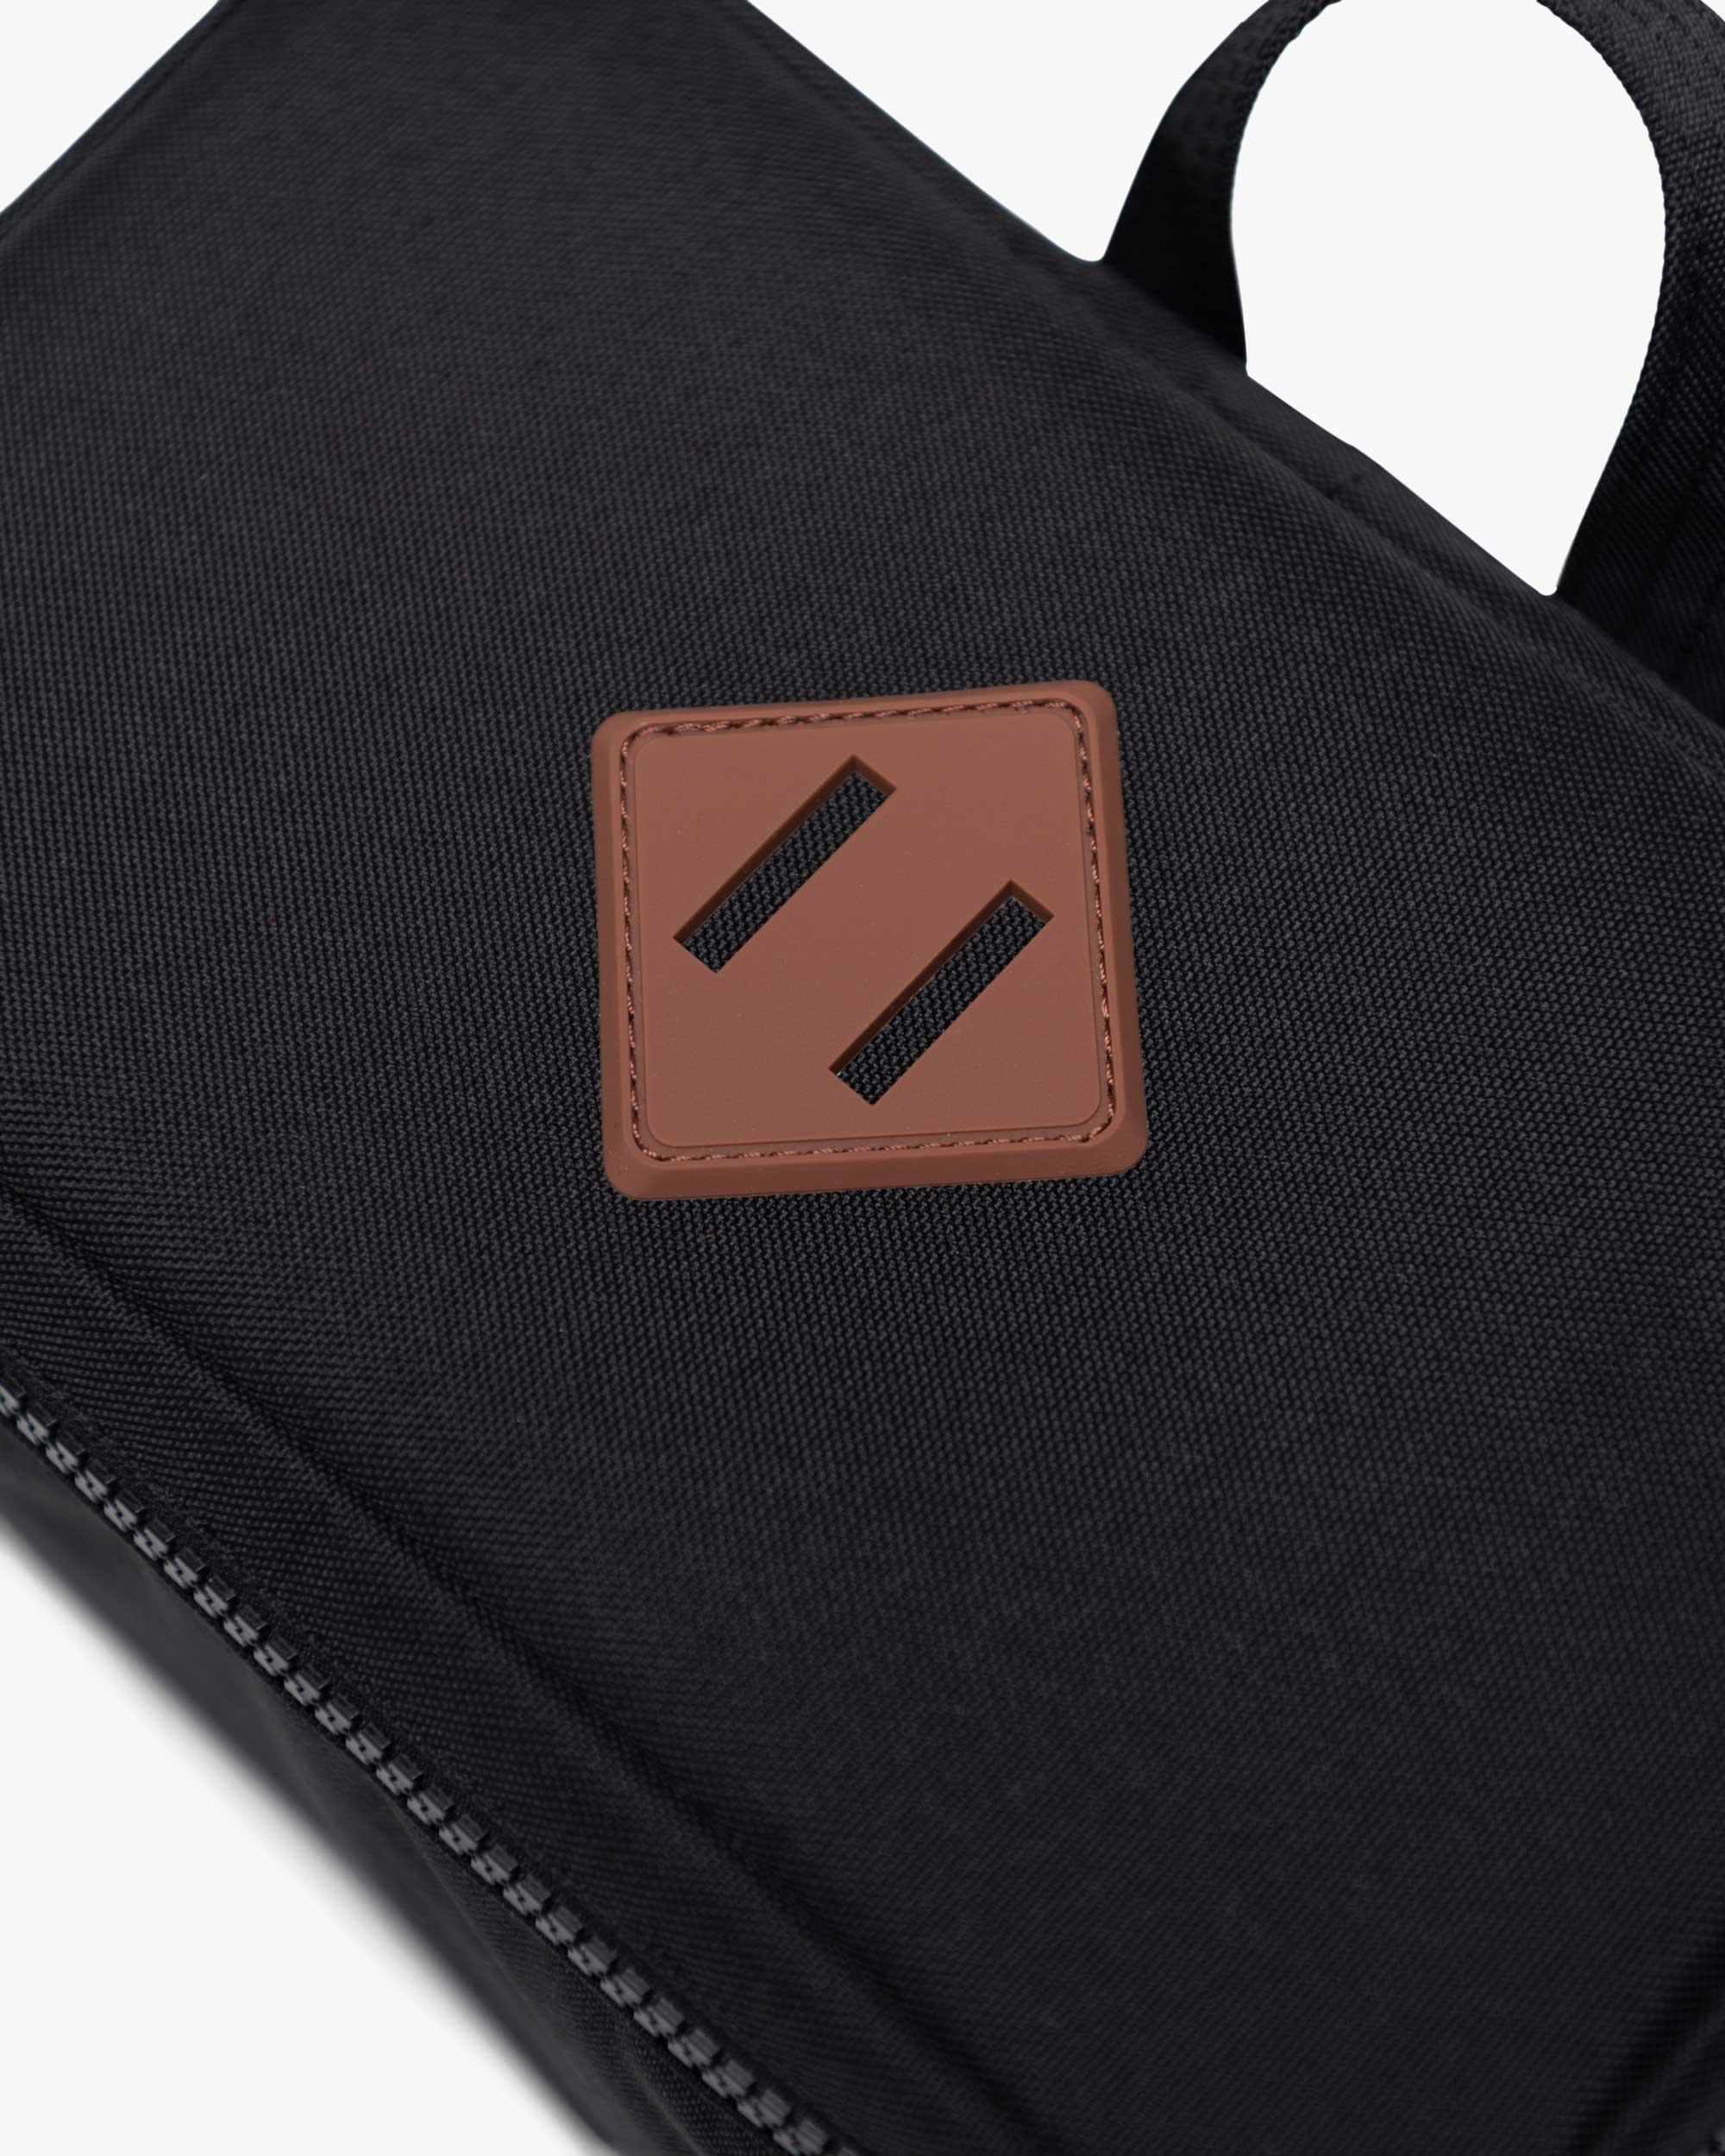 Fits inside a standard backpack